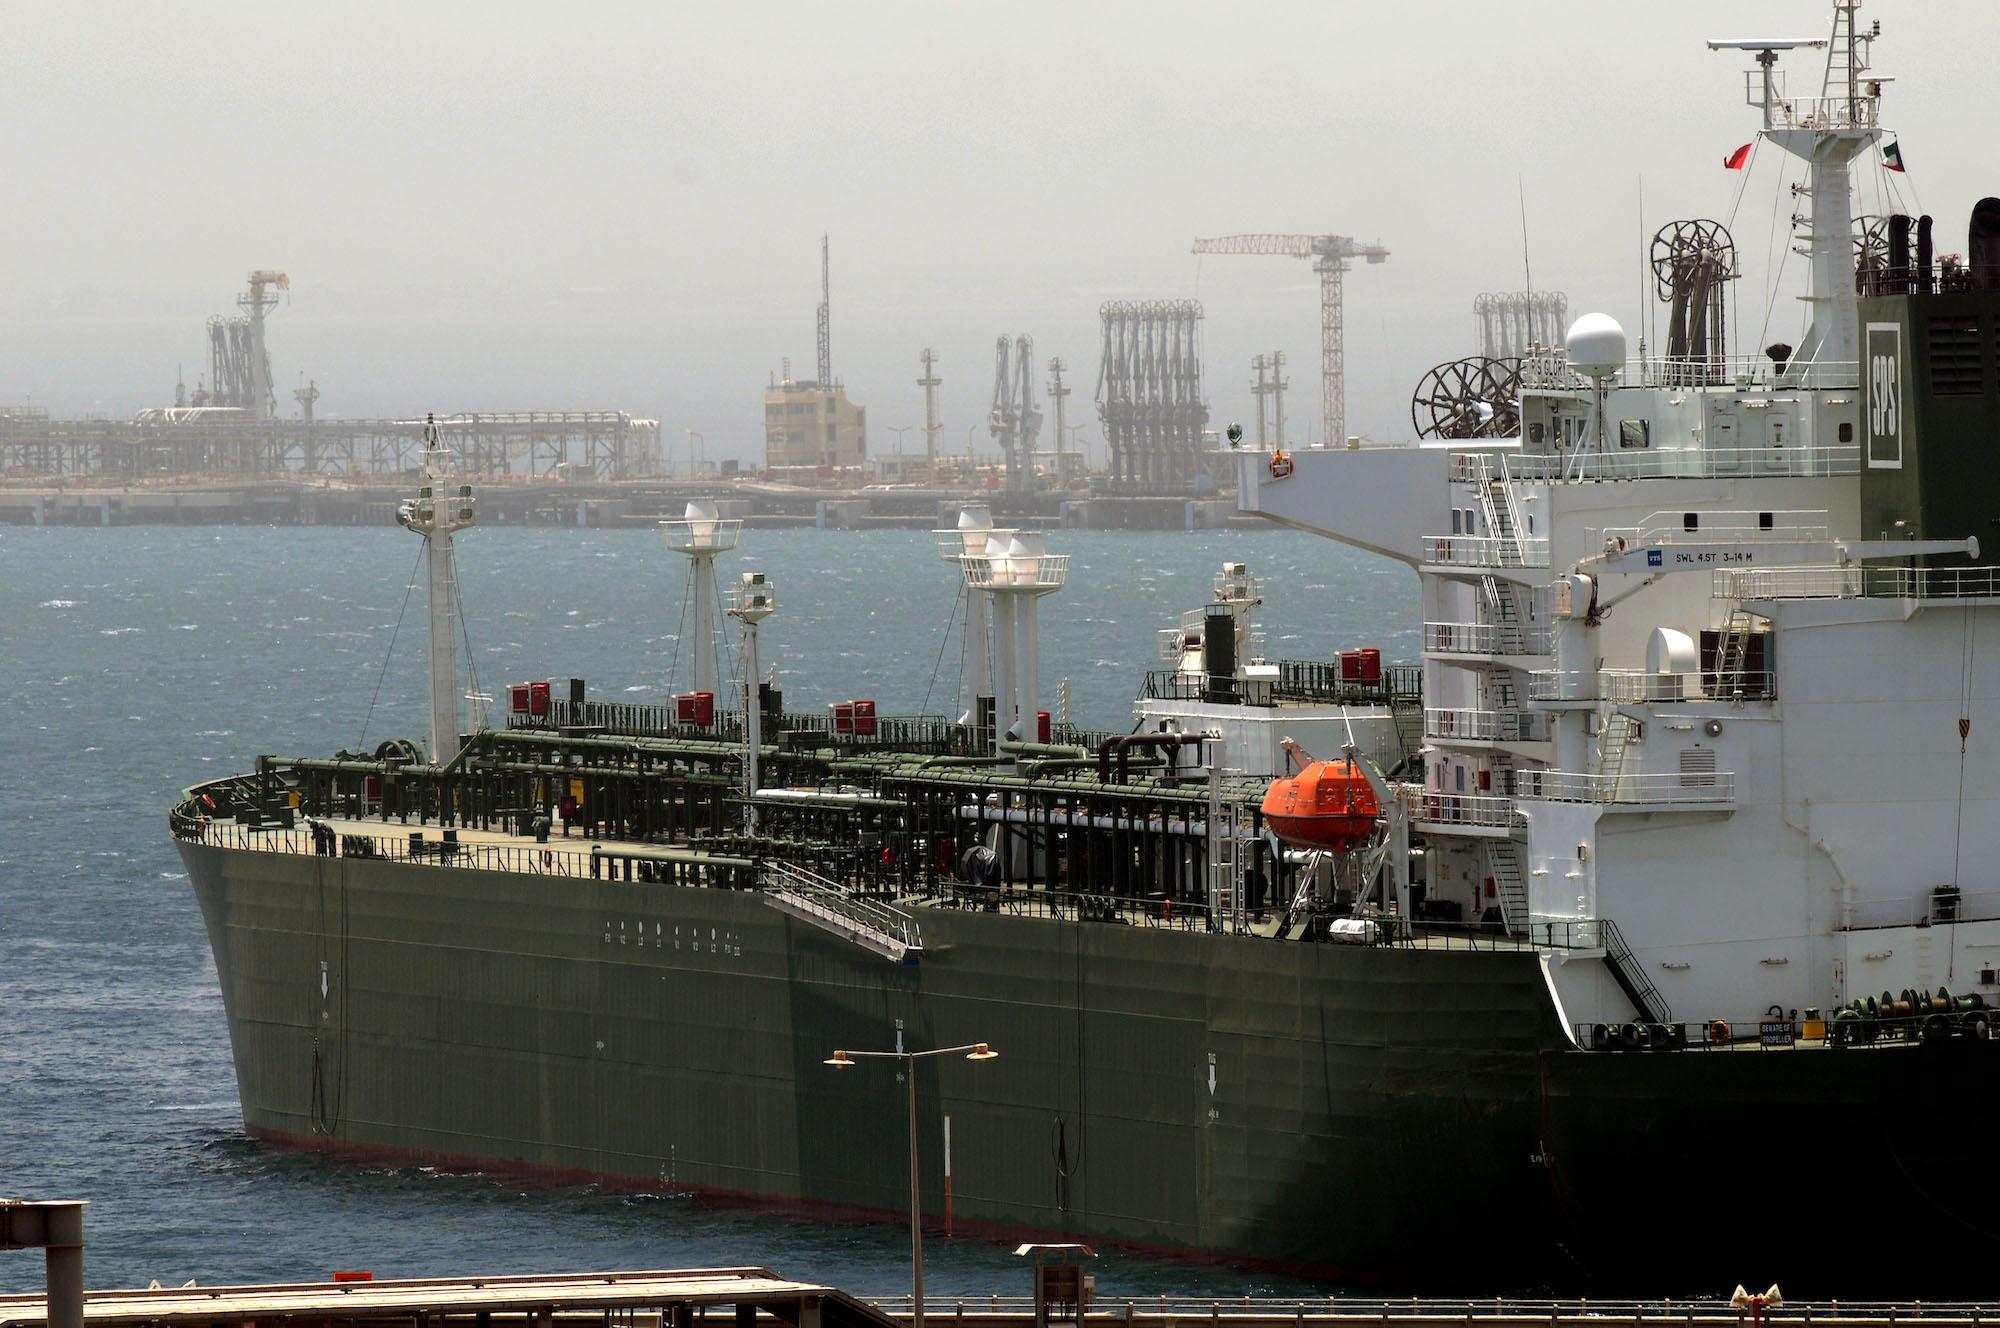 An oil tanker loading crude oil at Mina Al Ahmadi Port in Kuwait (AP Photo/Gustavo Ferrari)